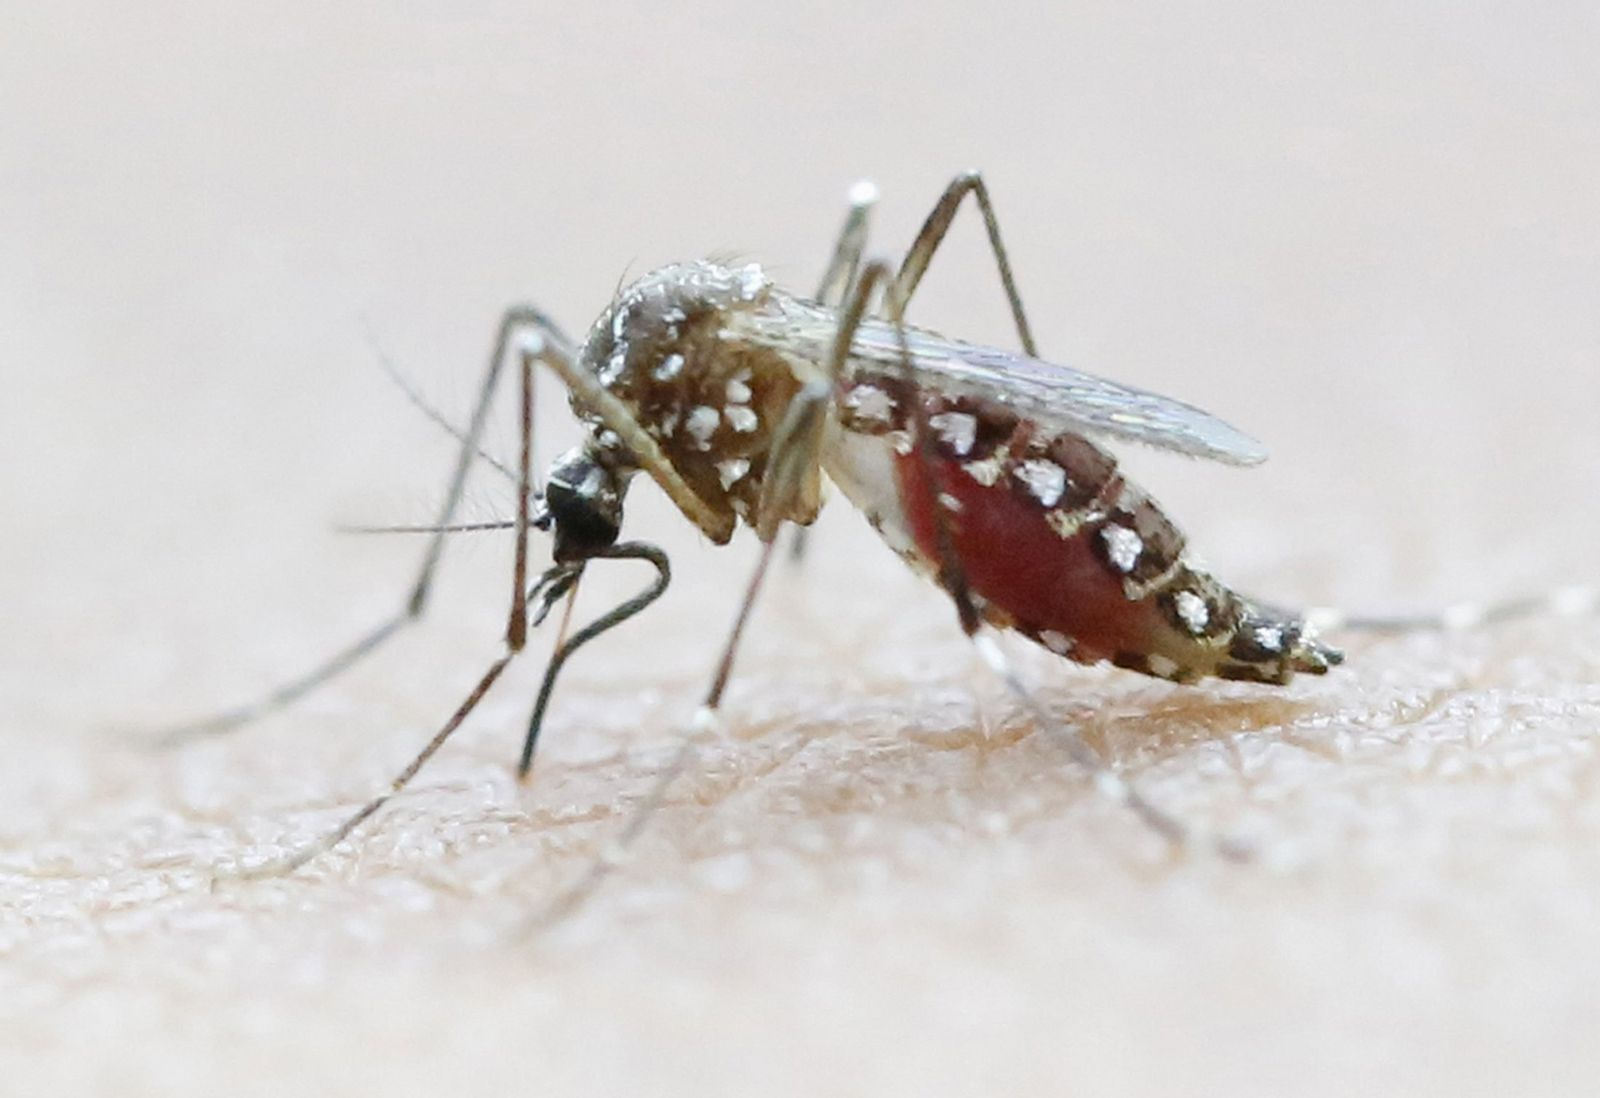 Zika Aedes aegypti mosquito